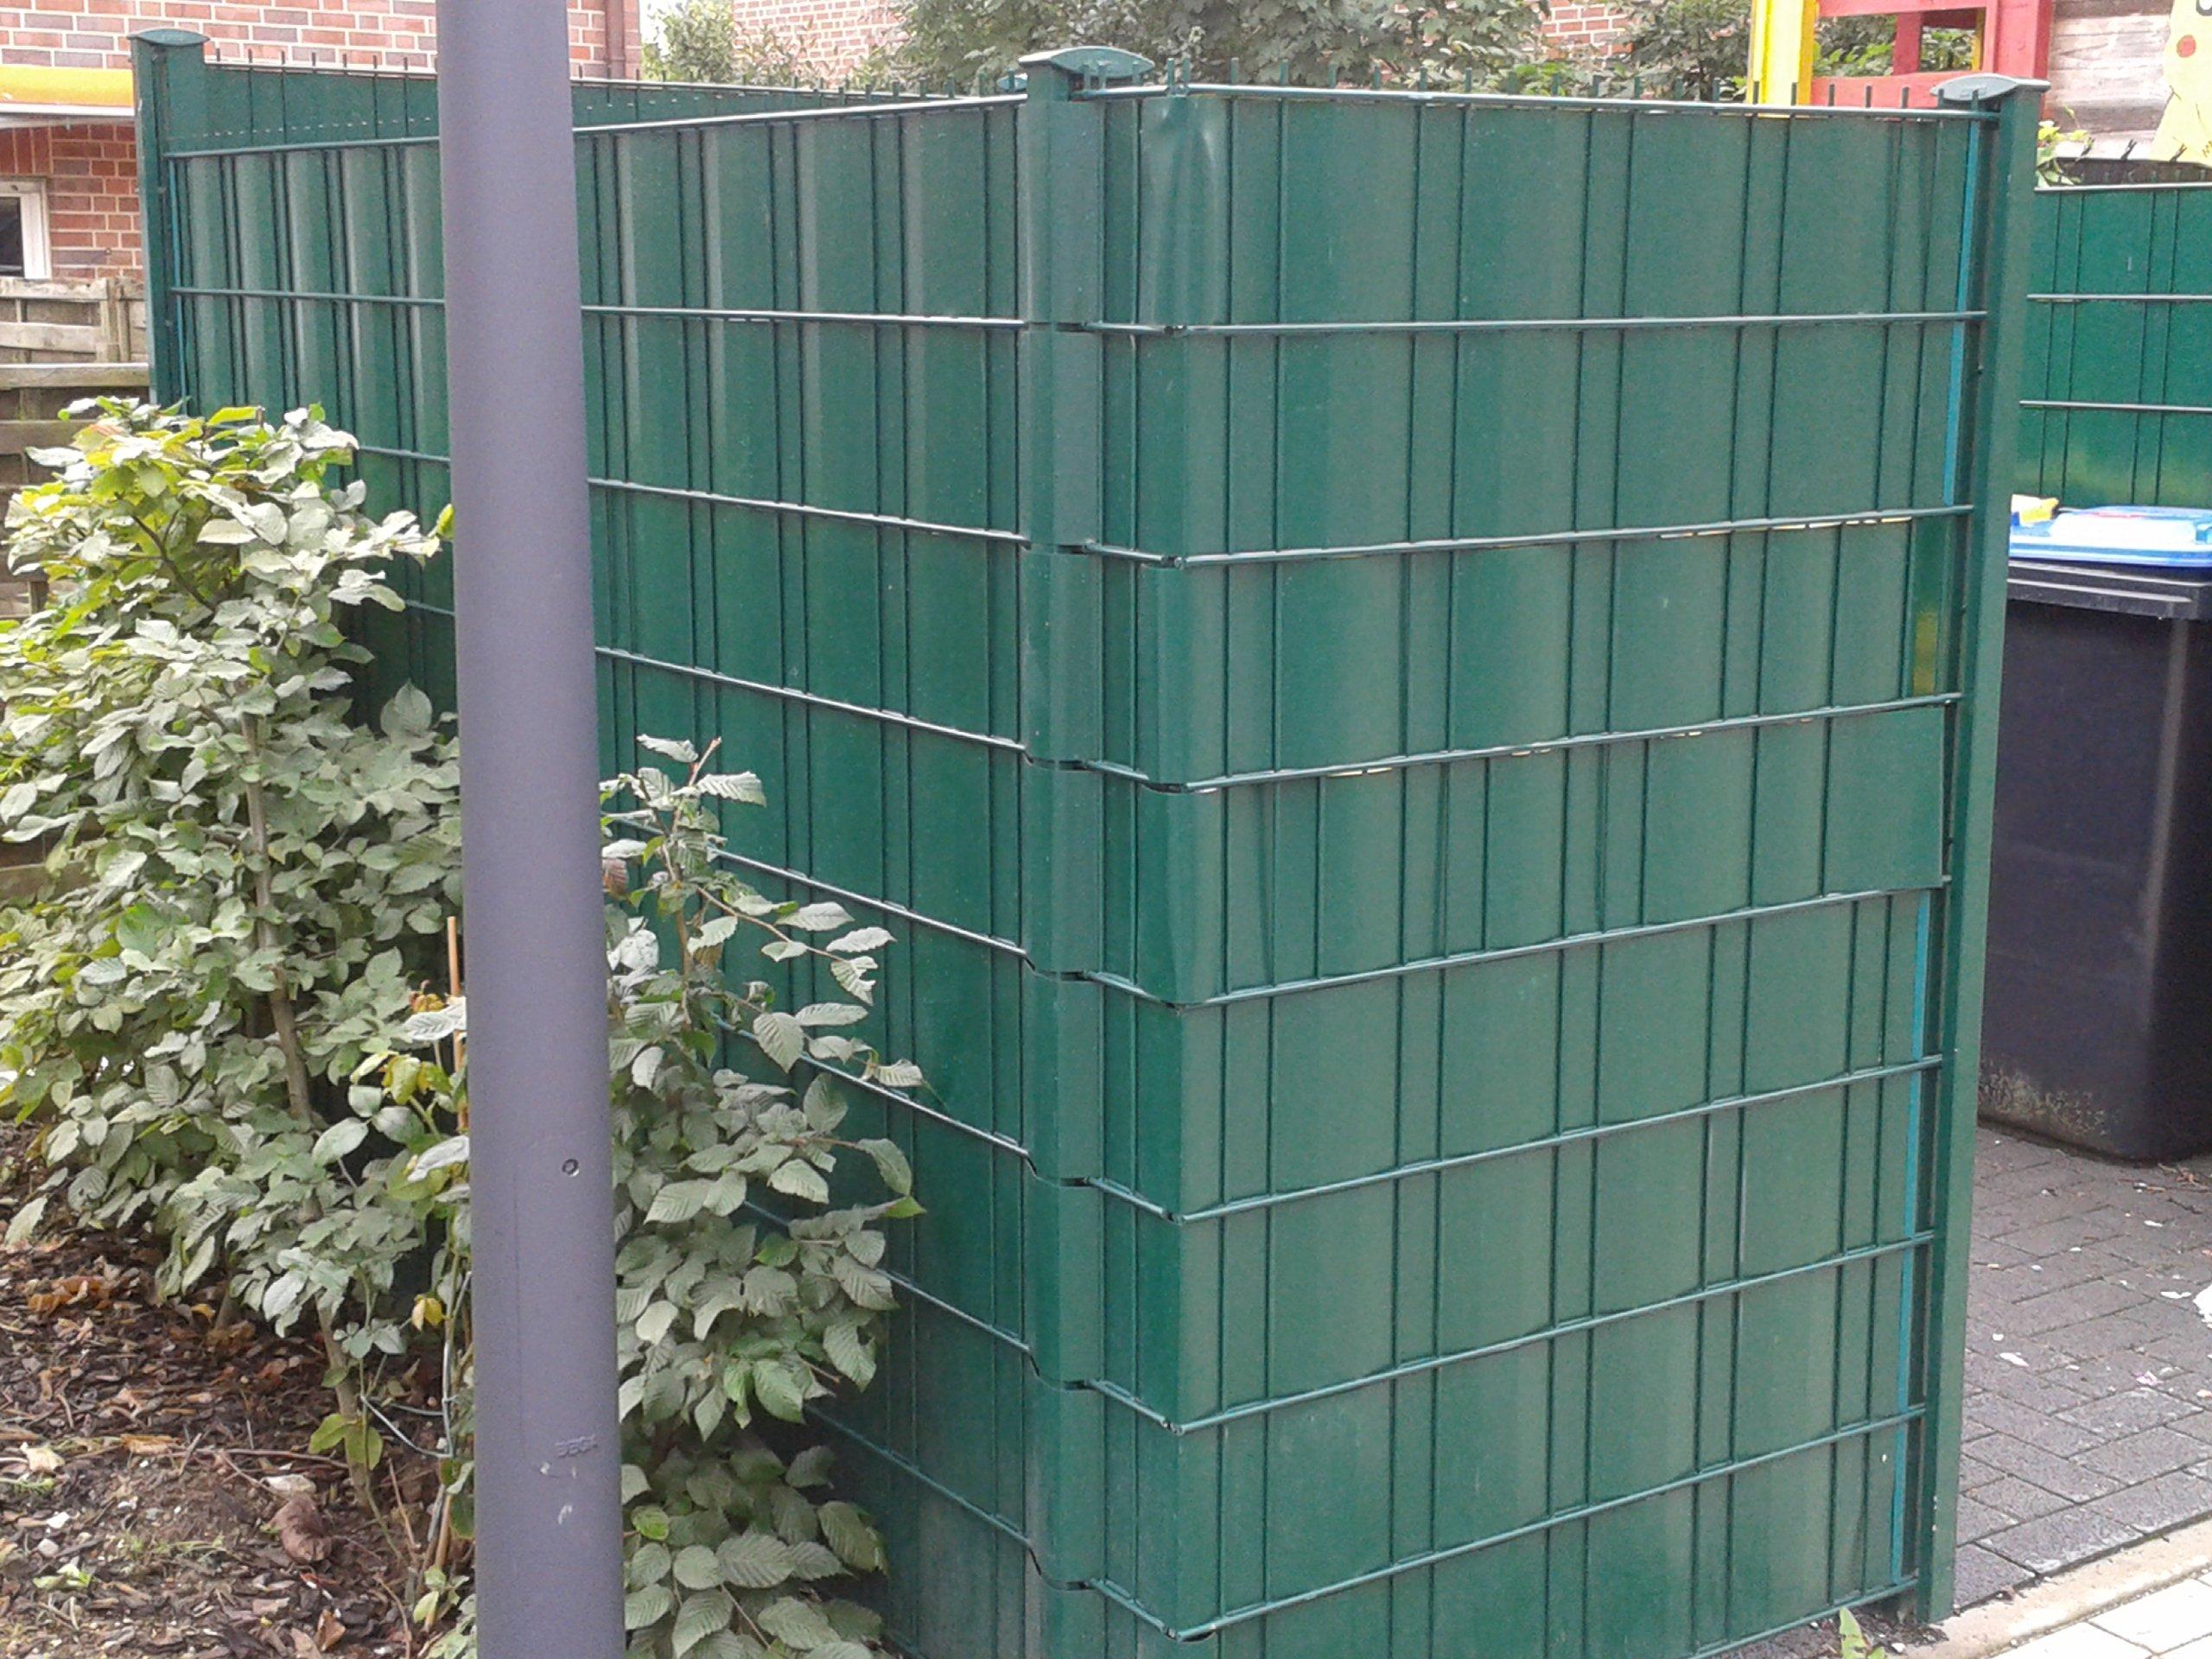 workingHOUSE Vallas para Jardin, Extra Grueso, Cercado Ocultacion de PVC de Primera Calidad de 35m x 19 cm 650gsm de Grosor, Incluye 26 Tiras de Sujeción (Gris Oscuro): Amazon.es: Jardín